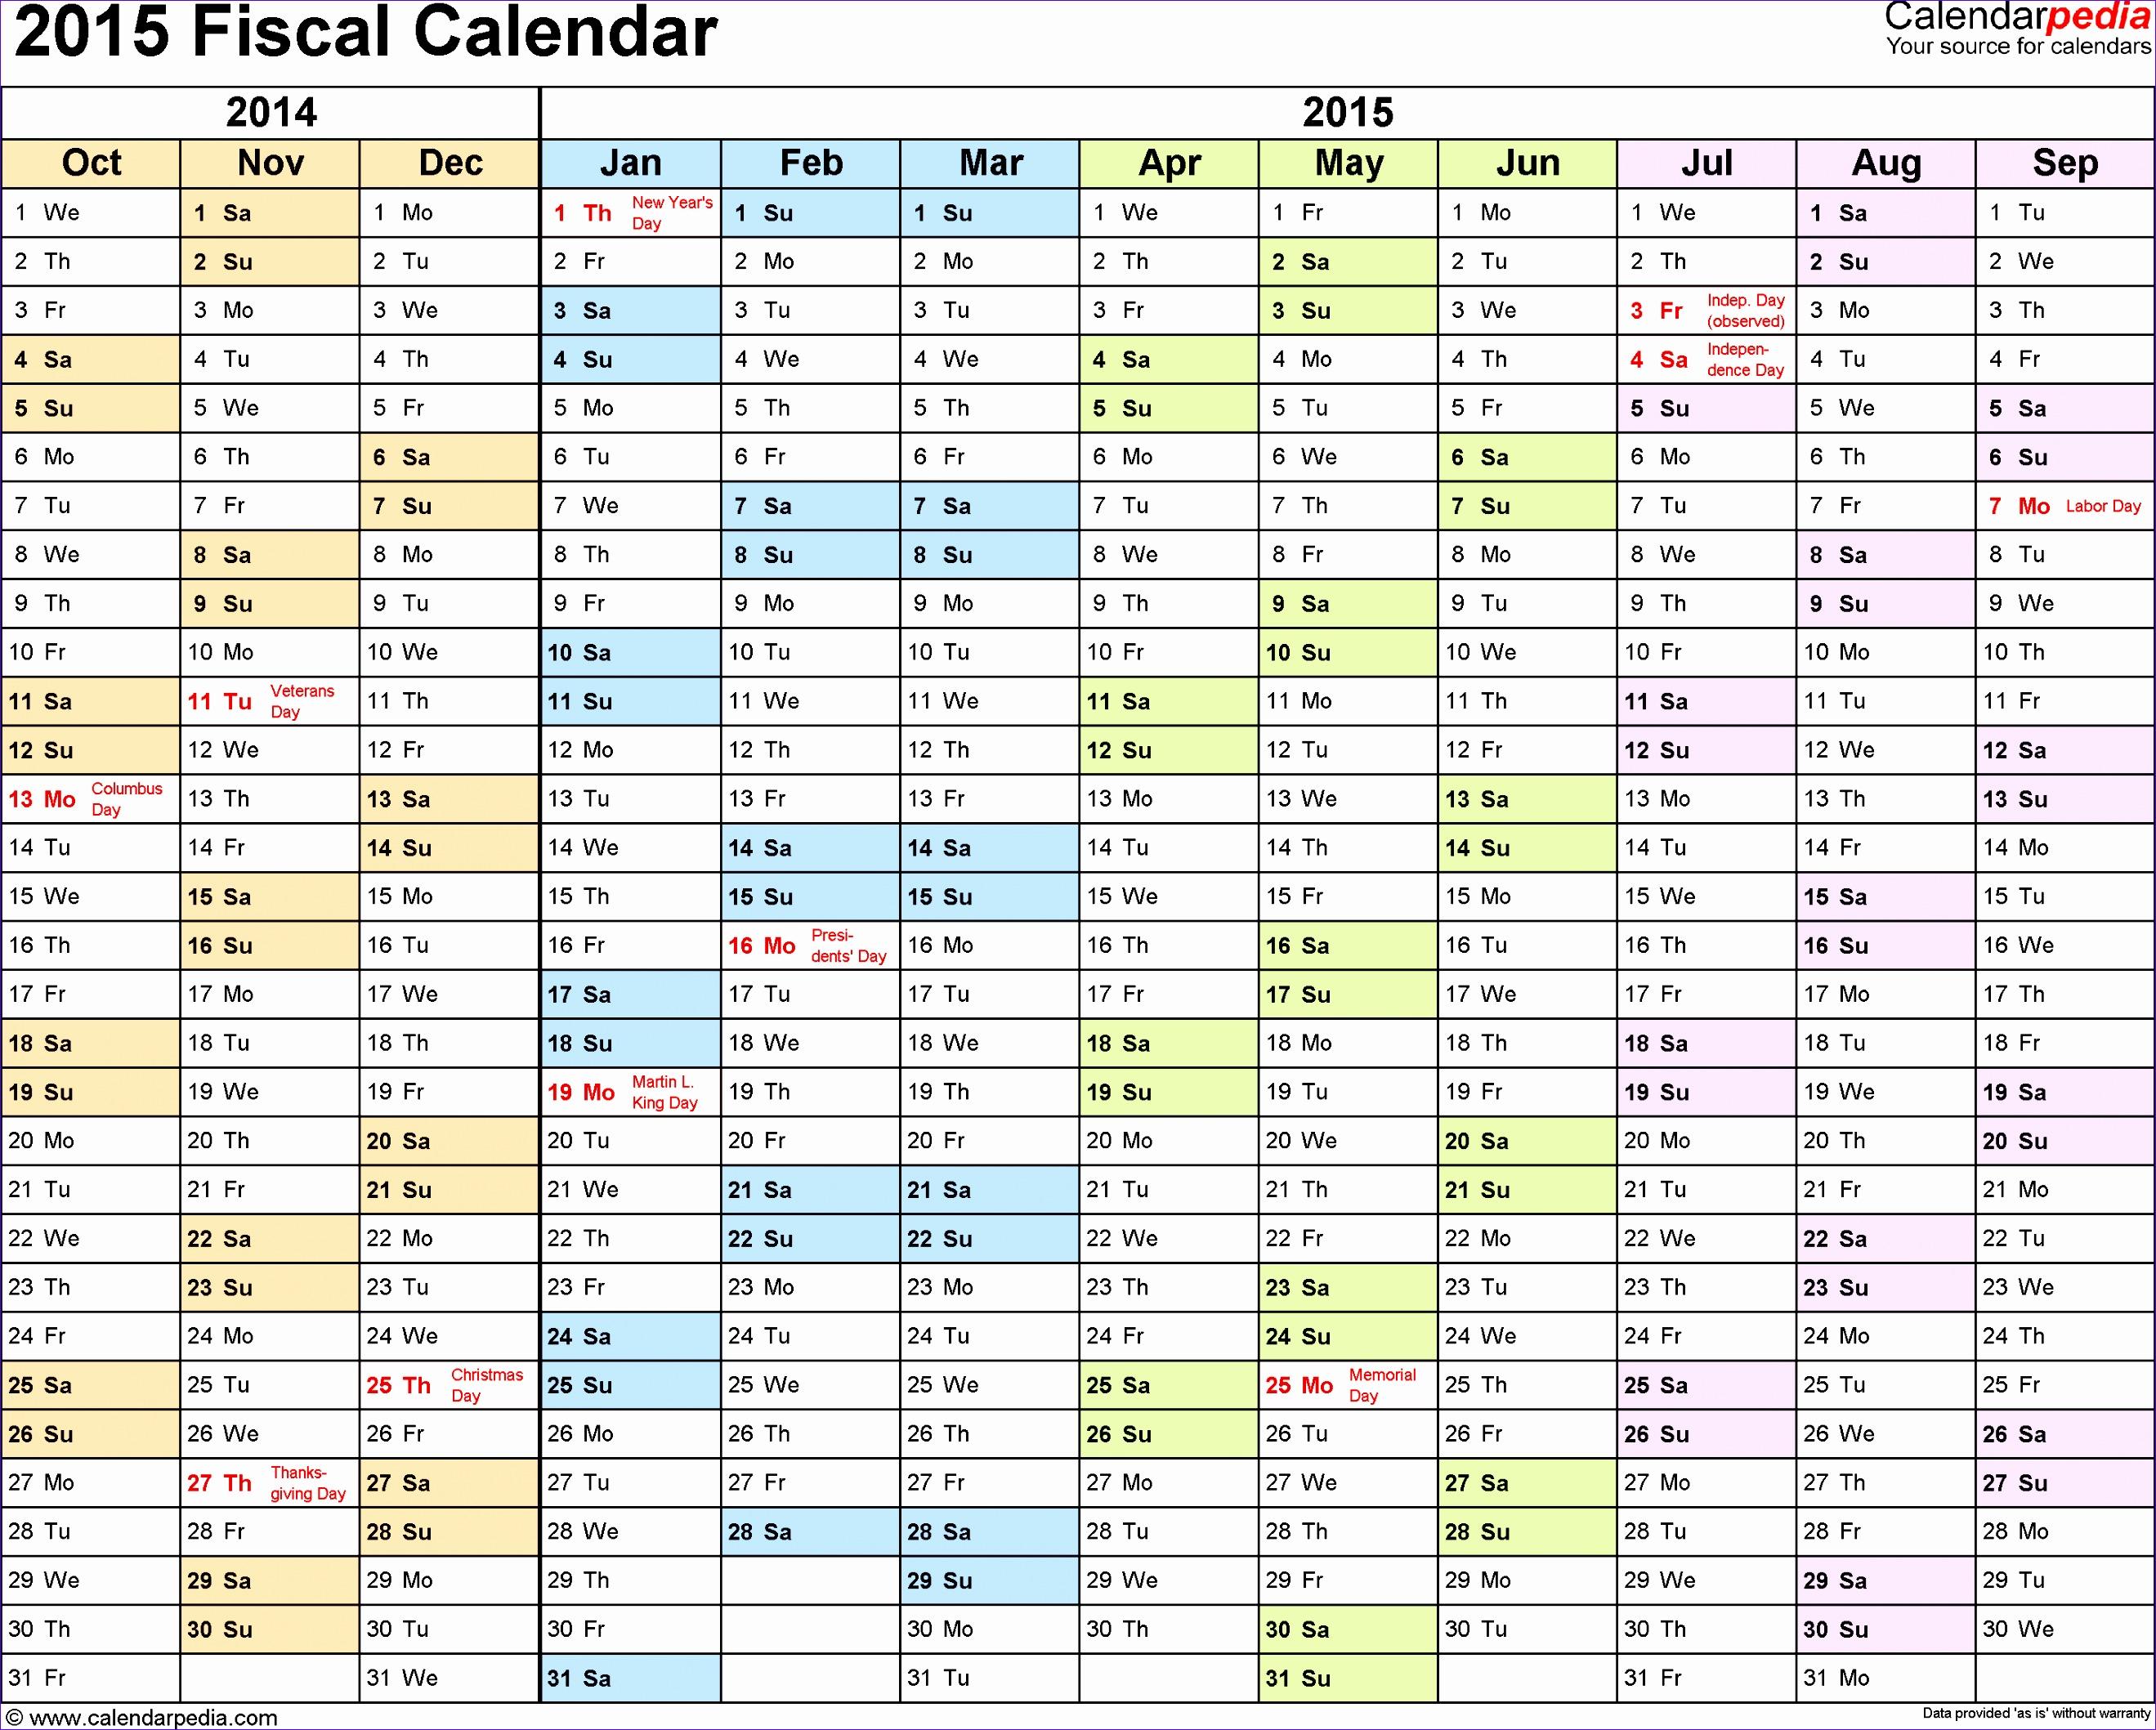 fiscal calendar 2015